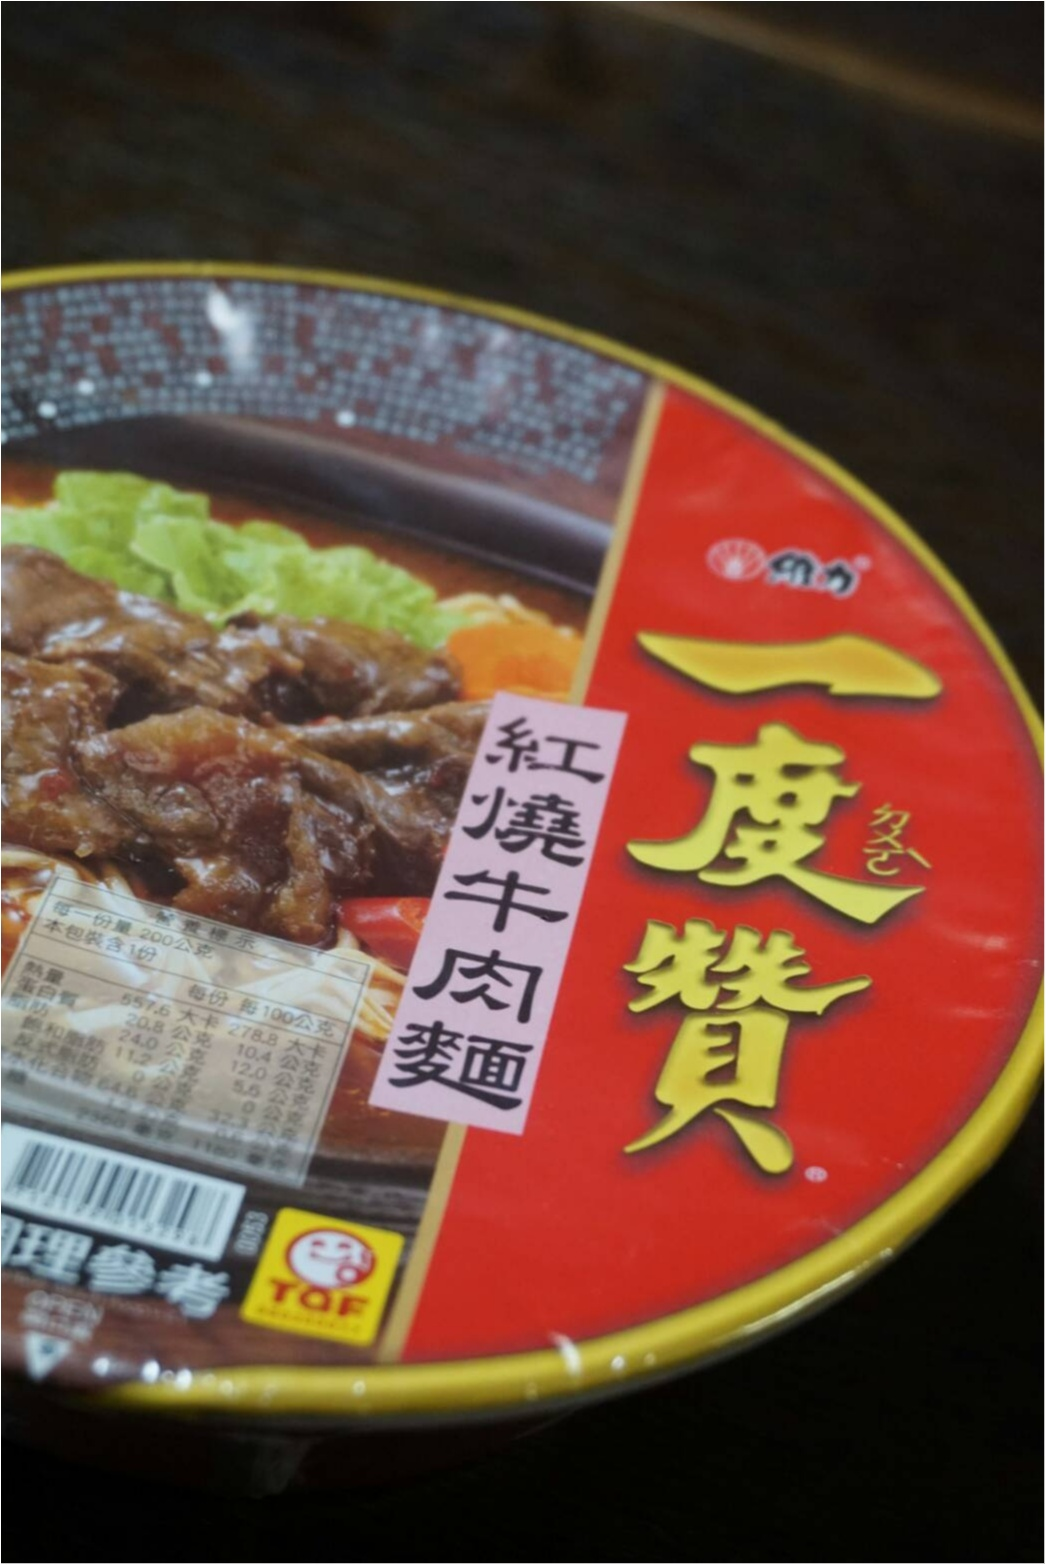 【旅行】週末台湾♡その5・お手軽!可愛い!美味しい!厳選台湾みやげ_6